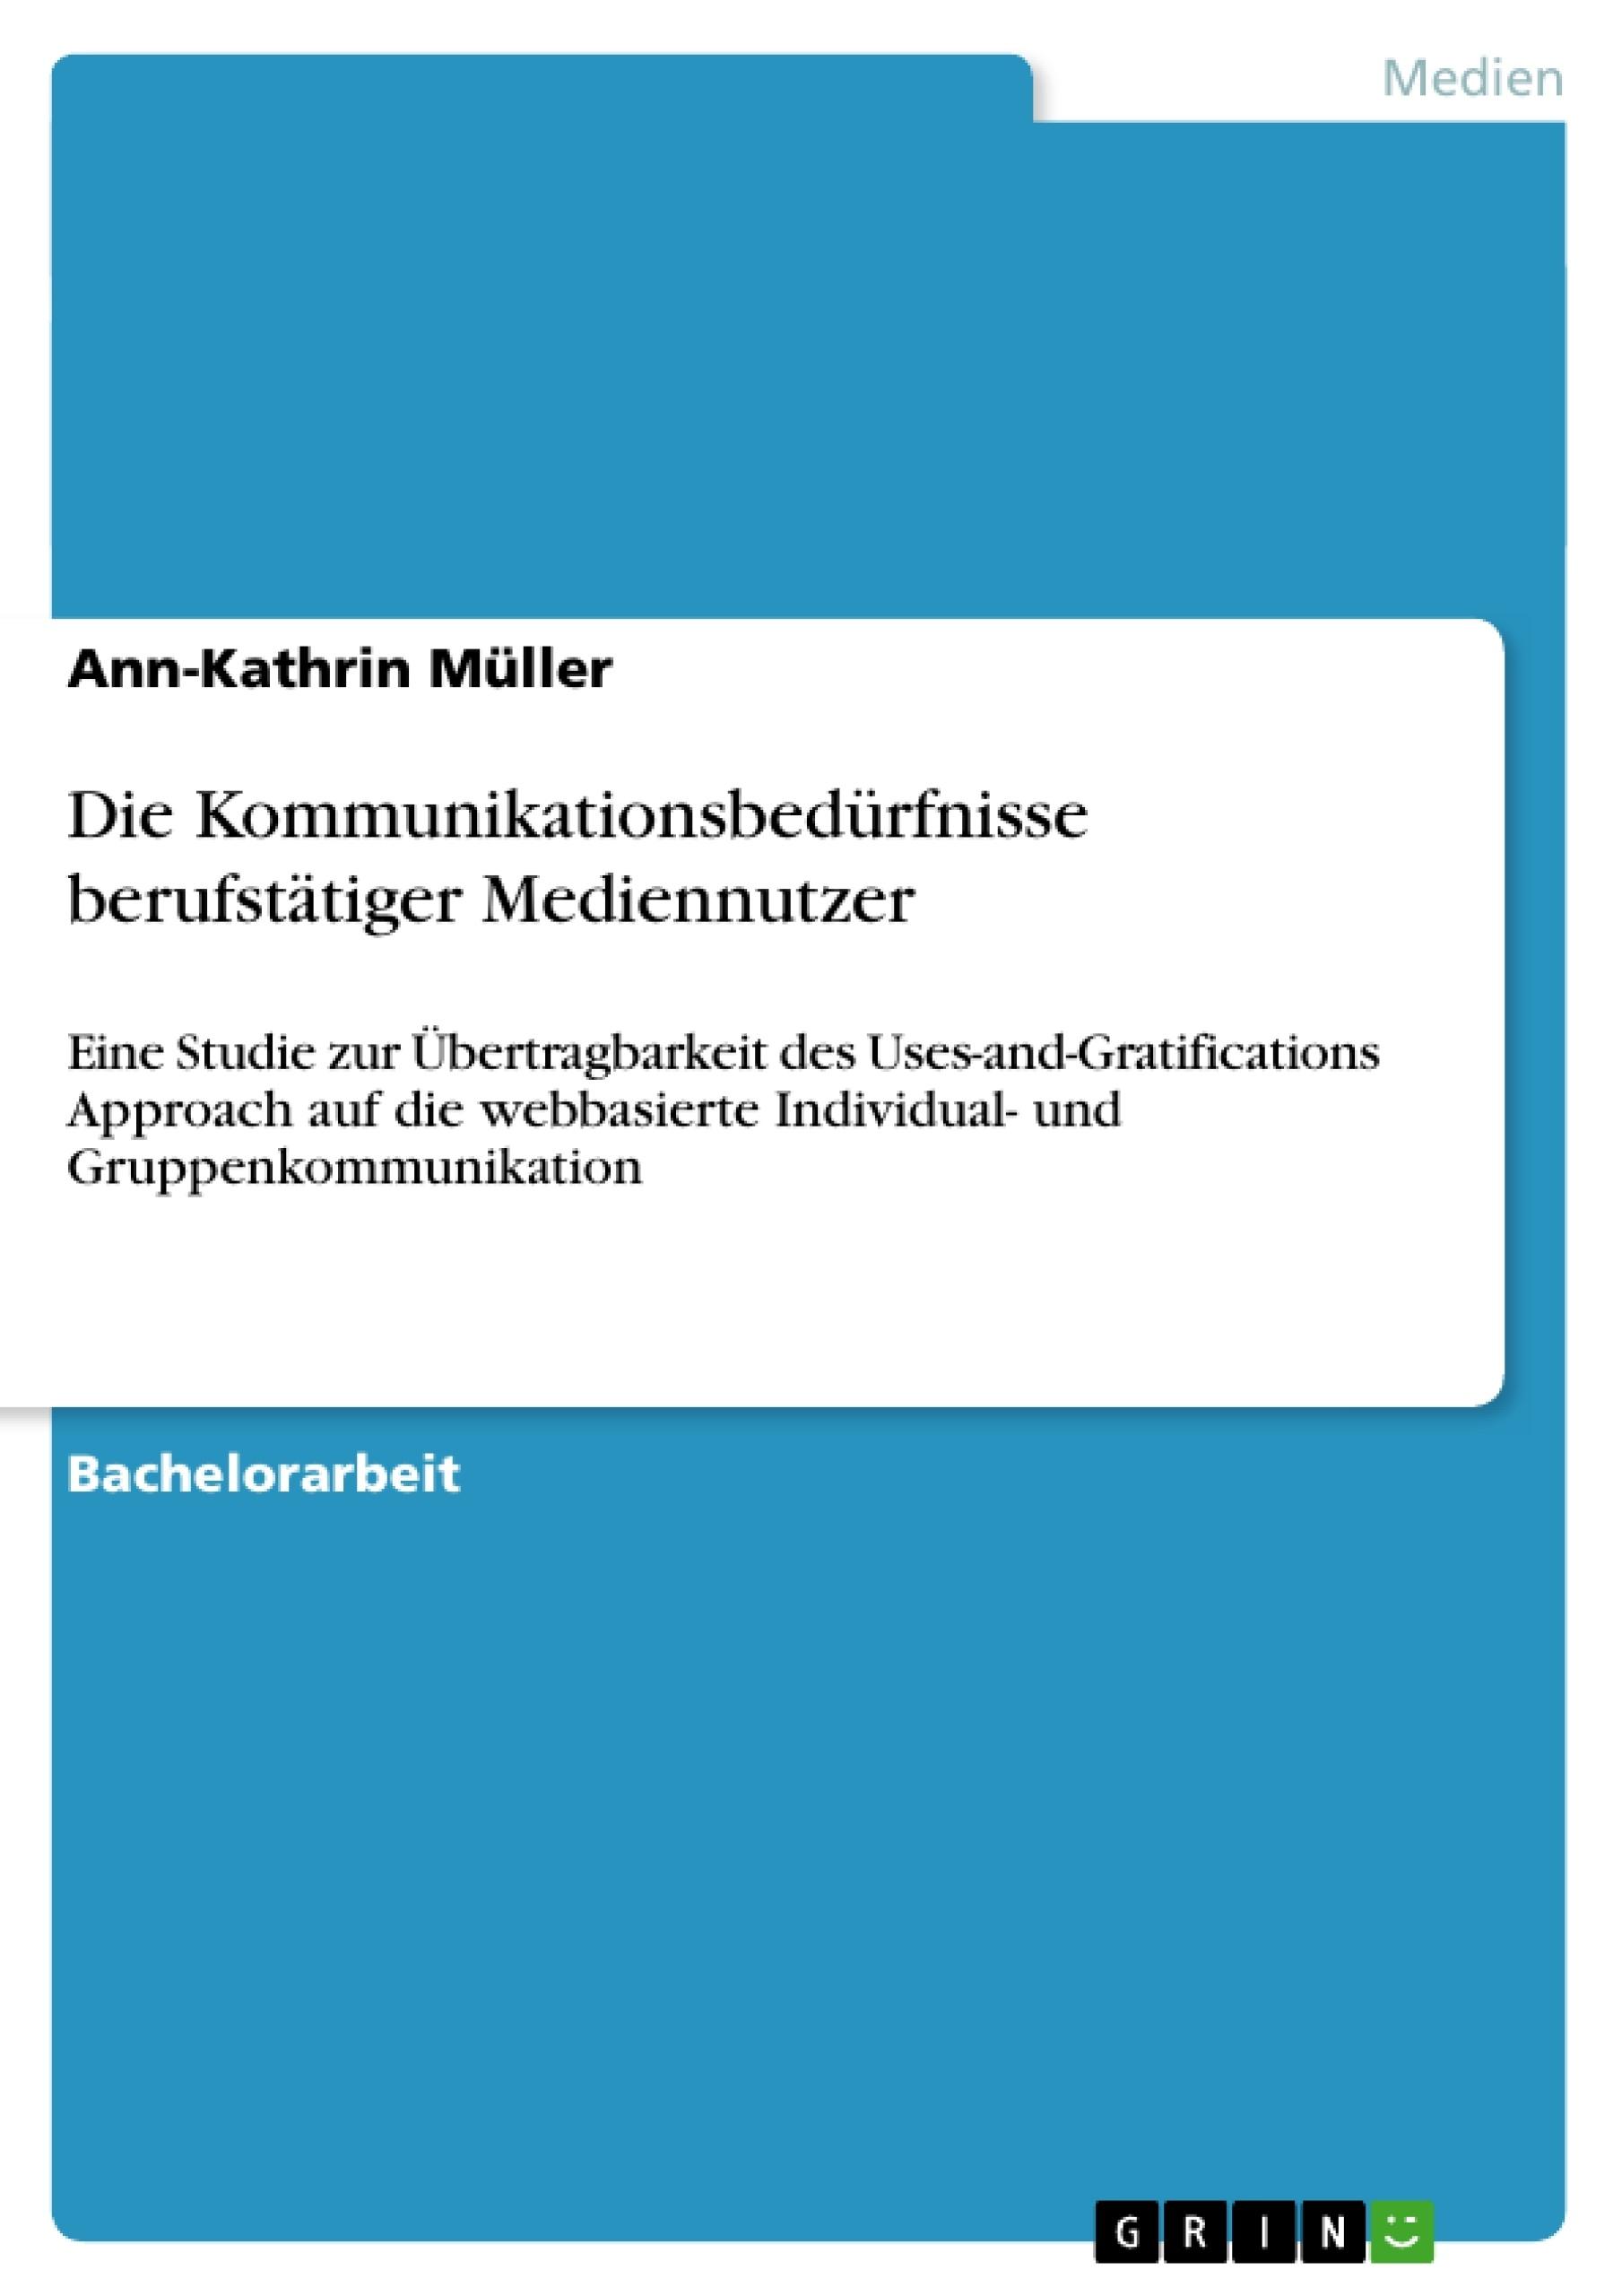 Titel: Die Kommunikationsbedürfnisse berufstätiger Mediennutzer